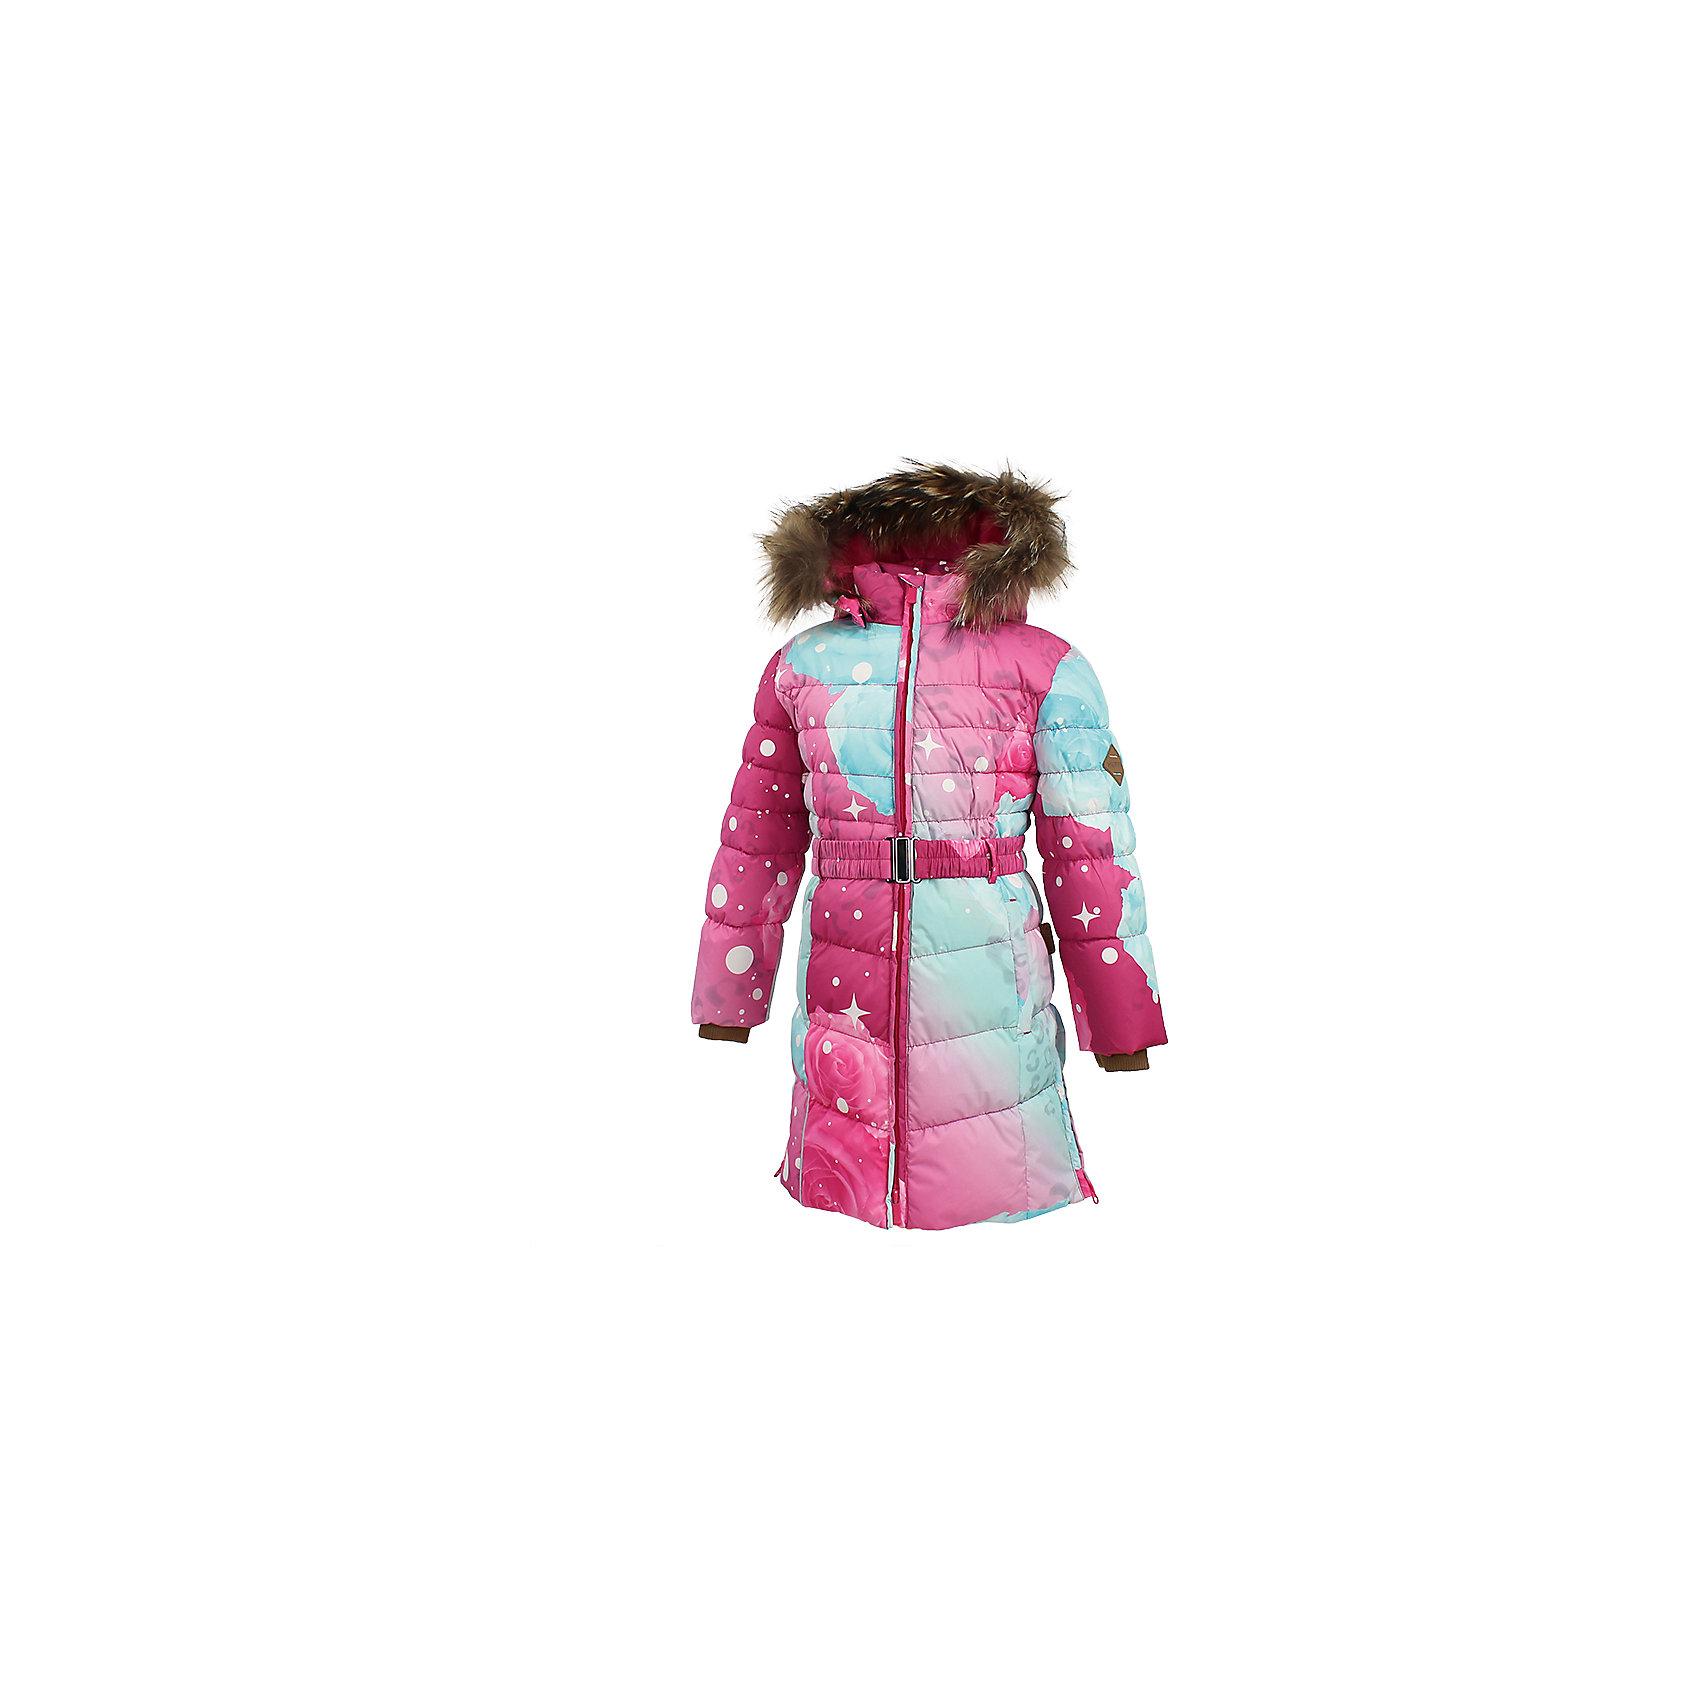 Пальто YASMINE Huppa для девочкиВерхняя одежда<br>Пальто для девочек YASMINE.Водо и воздухонепроницаемость 5 000.Утеплитель 50% пух, 50% перо.Подкладка тафта 100% полиэстер.Карманы на молнии.Двухсторонняя молния.Съемный капюшон с отстегивающимся мехом.Внутренний манжет рукава. Имеются светоотажательные элементы.<br>Состав:<br>100% Полиэстер<br><br>Ширина мм: 356<br>Глубина мм: 10<br>Высота мм: 245<br>Вес г: 519<br>Цвет: фуксия<br>Возраст от месяцев: 36<br>Возраст до месяцев: 48<br>Пол: Женский<br>Возраст: Детский<br>Размер: 104<br>SKU: 7025302